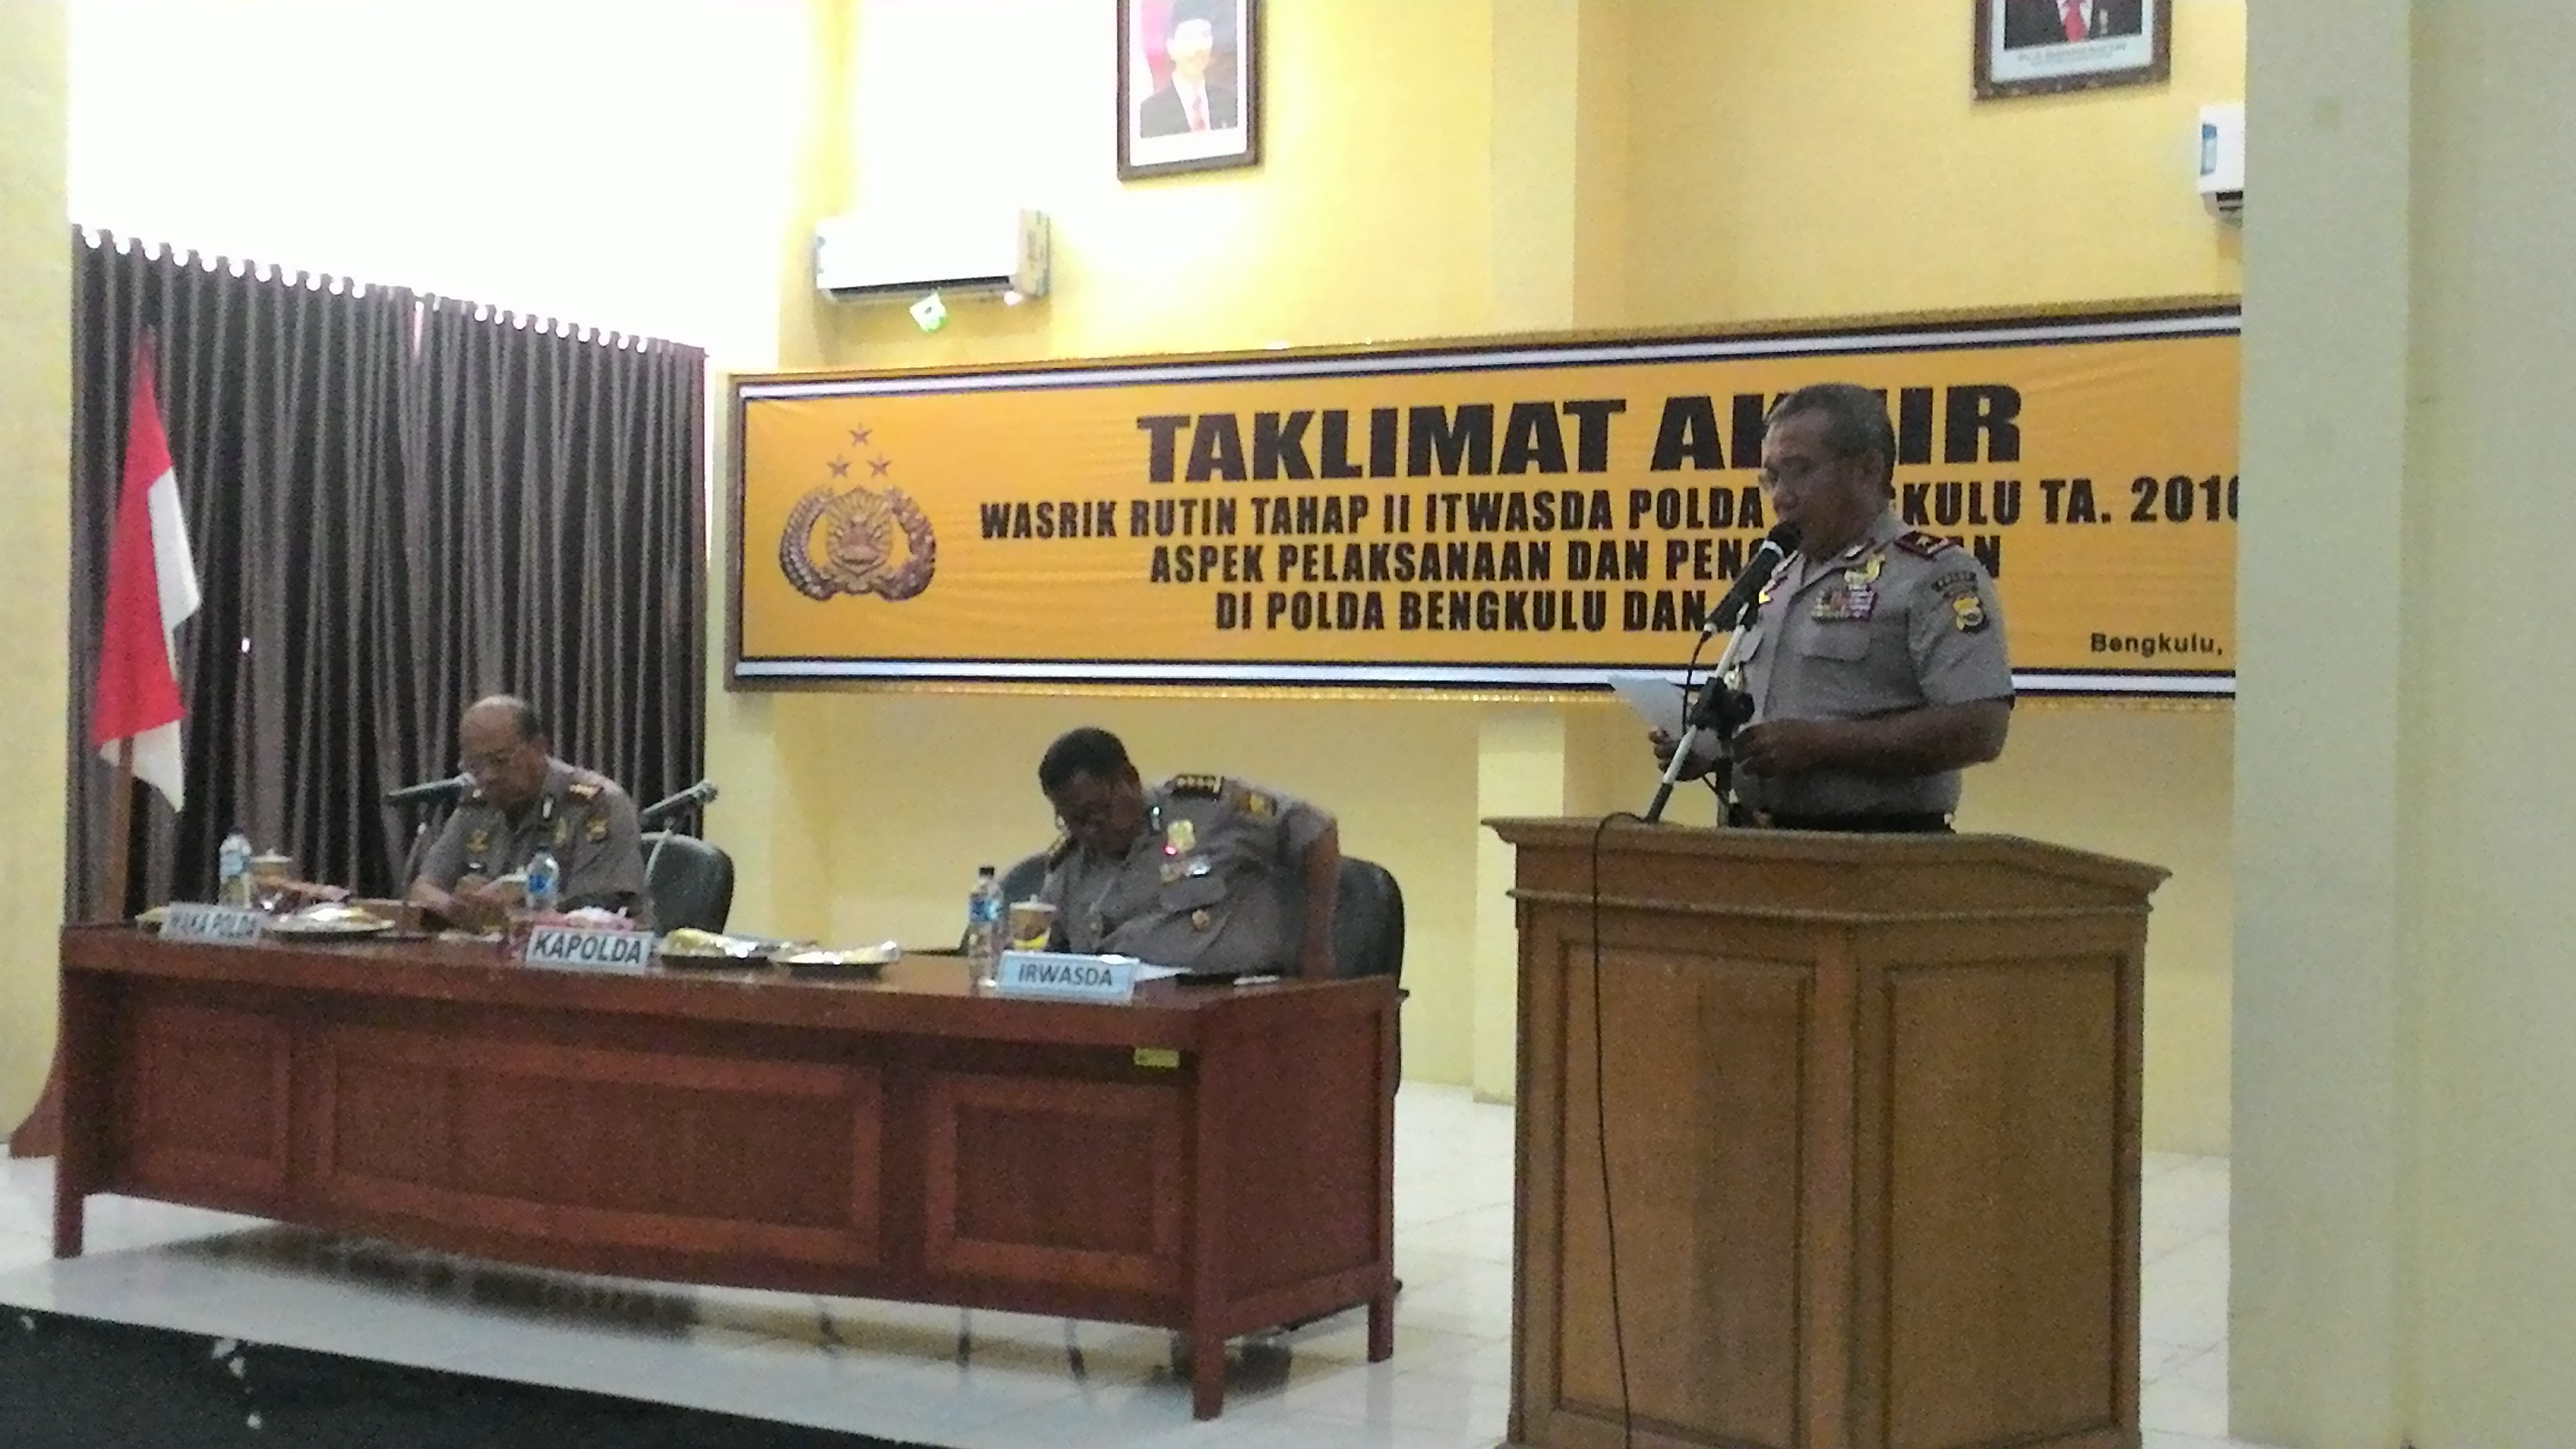 Penyampaian Hasil Wasrik Tahap II Polda Bengkulu